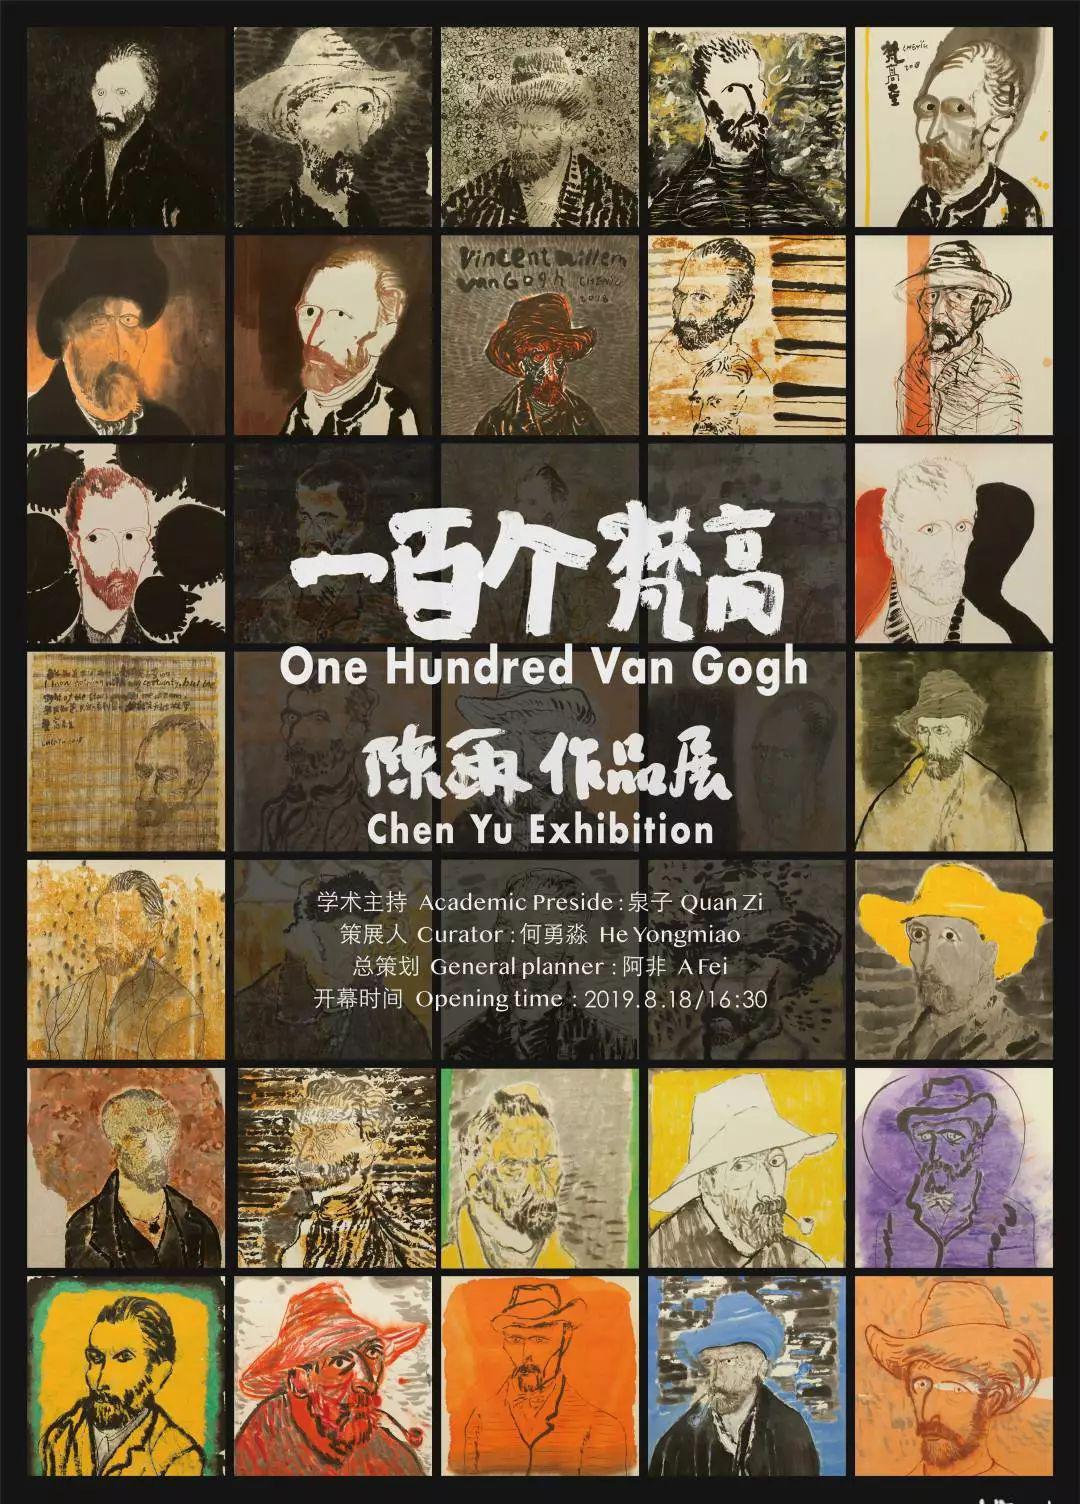 【杭州】一百个梵高 陈雨作品展